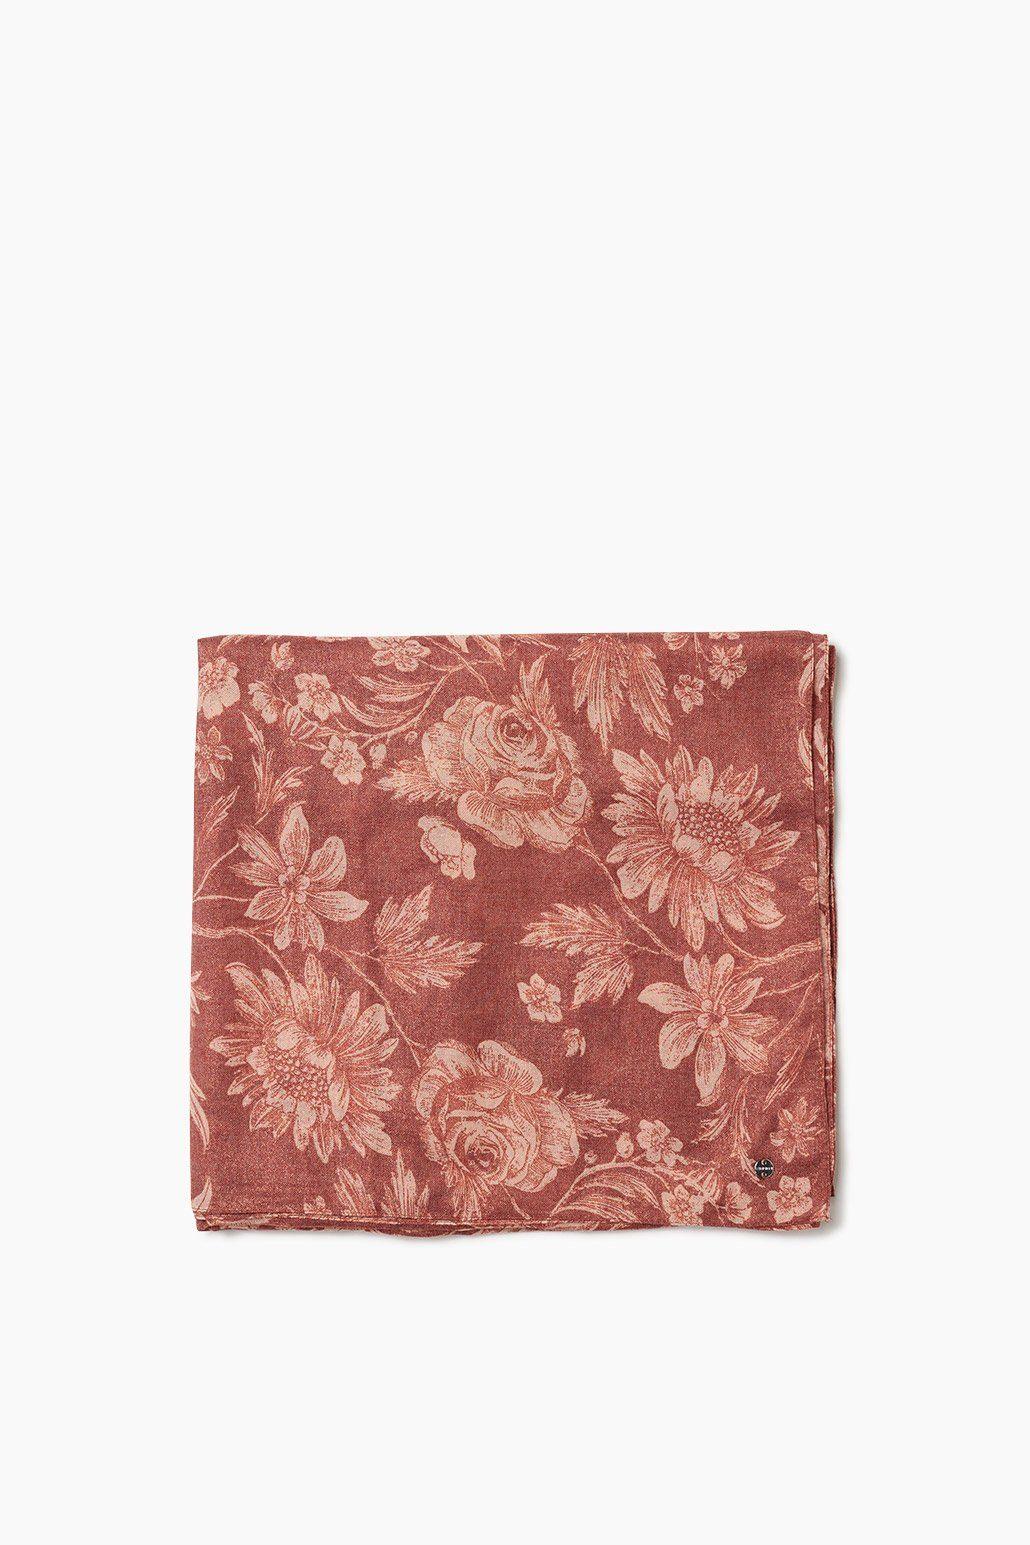 ESPRIT CASUAL Leichter Glamour Webschal mit Blüten-Print